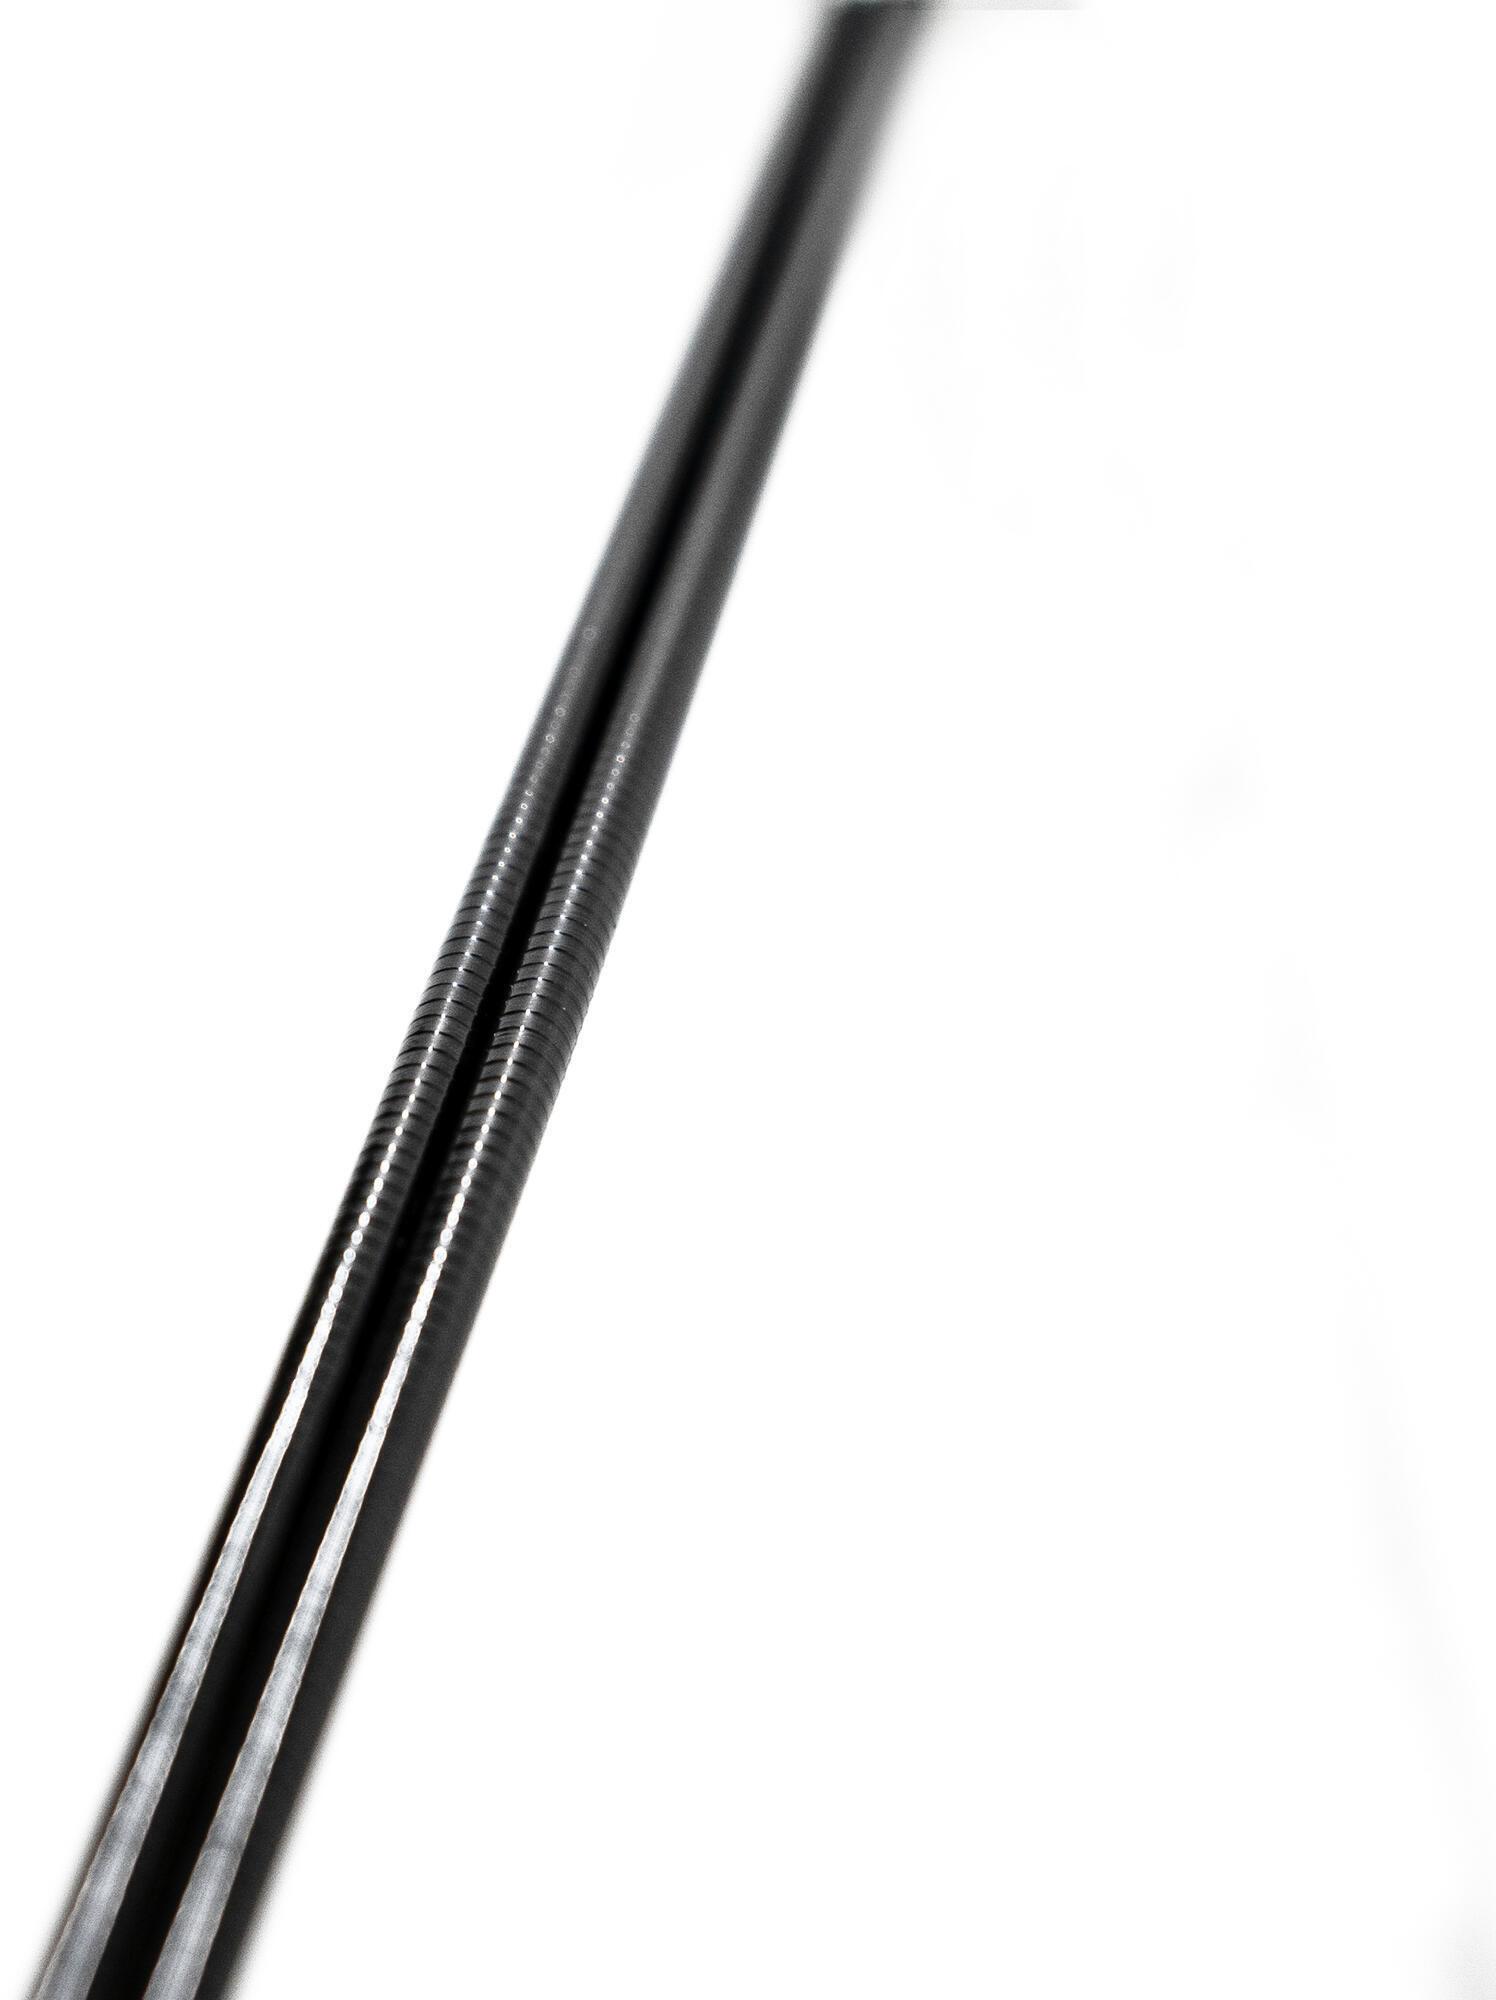 Rurki Stożkowe Ze Zwijanego Karbonu 900 7,5 Mm / 6 Mm / Dł. 82,5 Cm